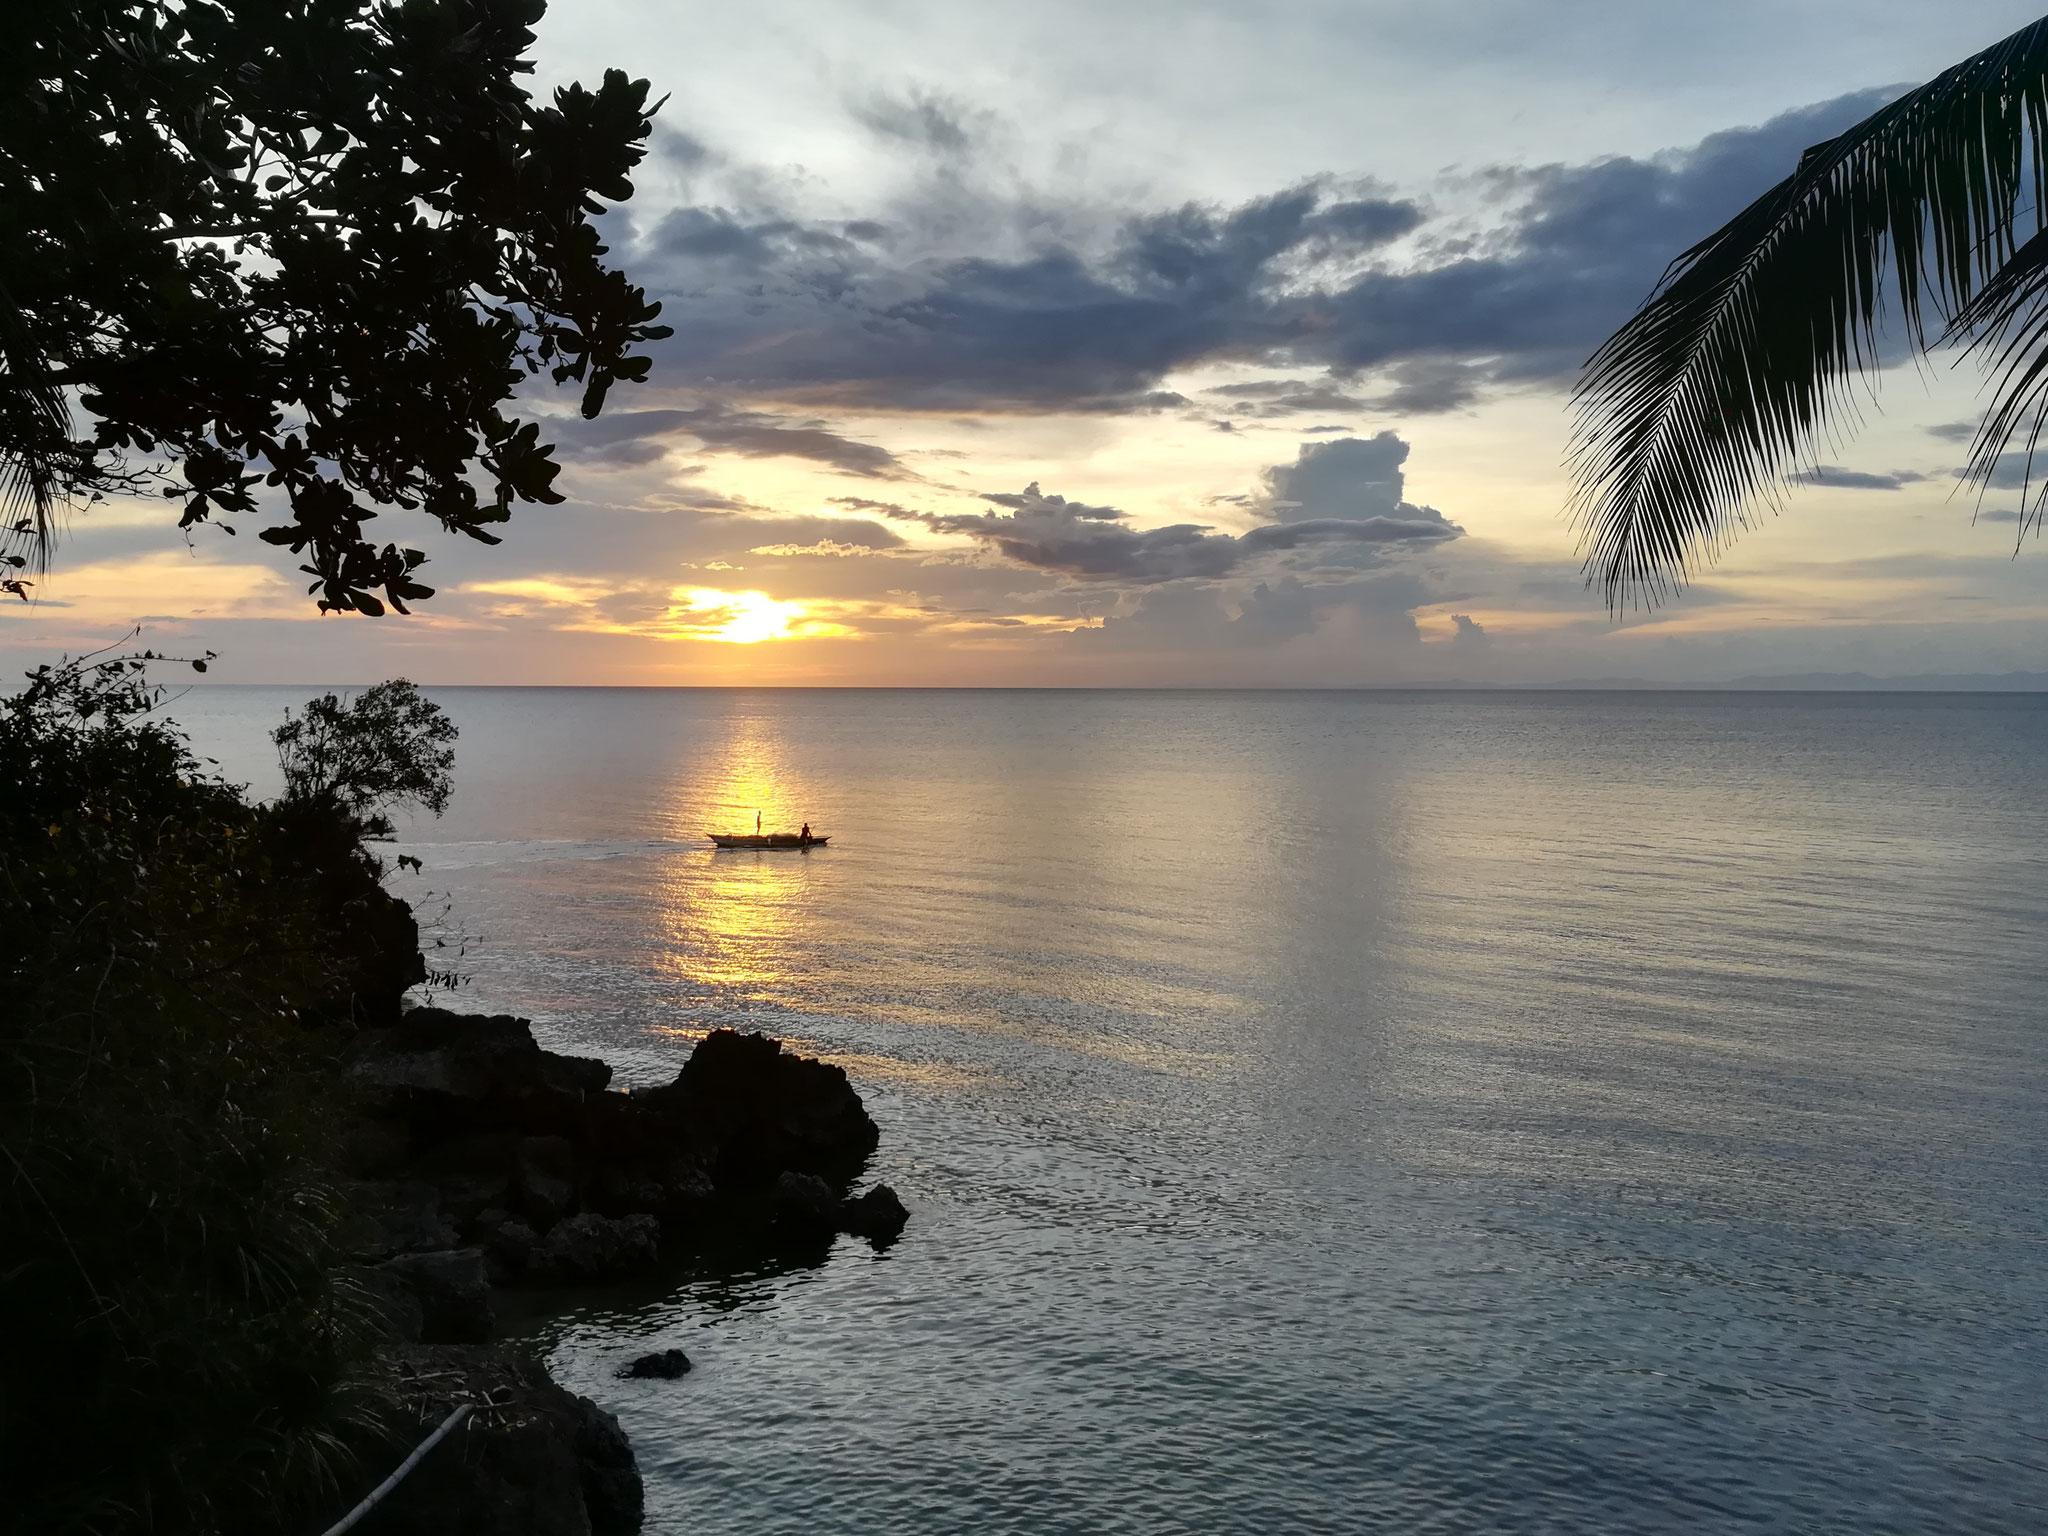 Sonnenuntergang auf Guimaras